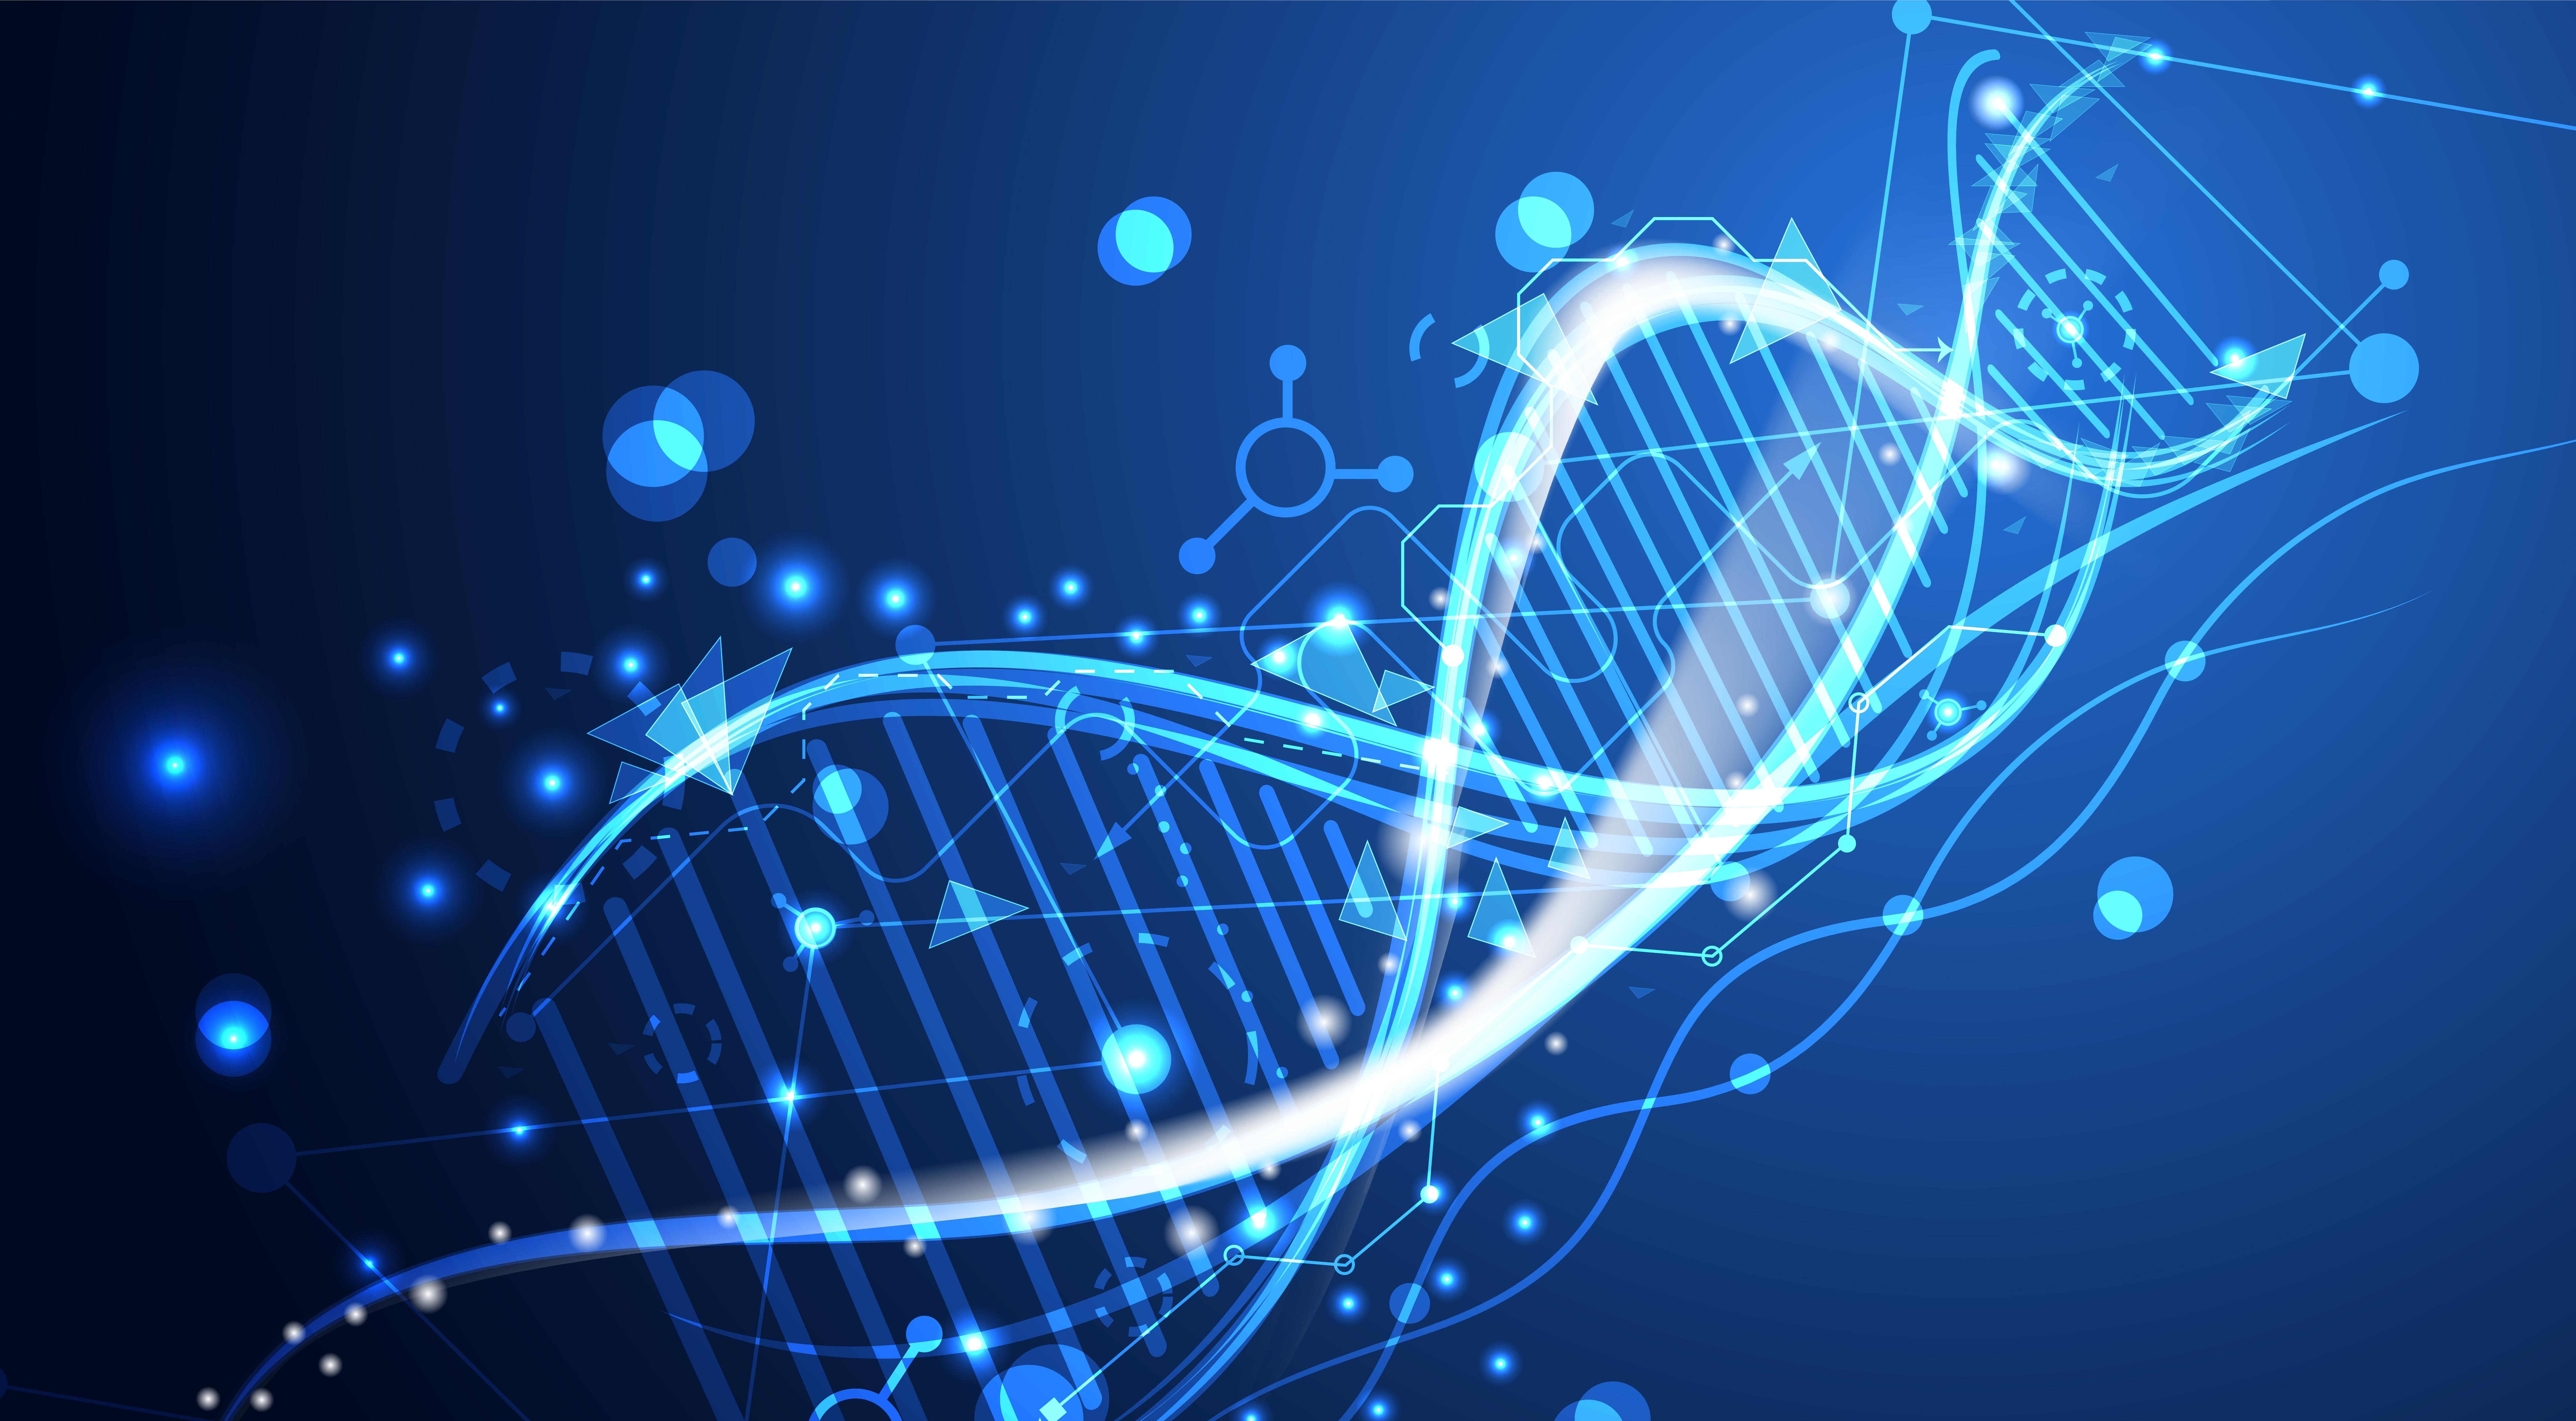 illustrasjon av gen